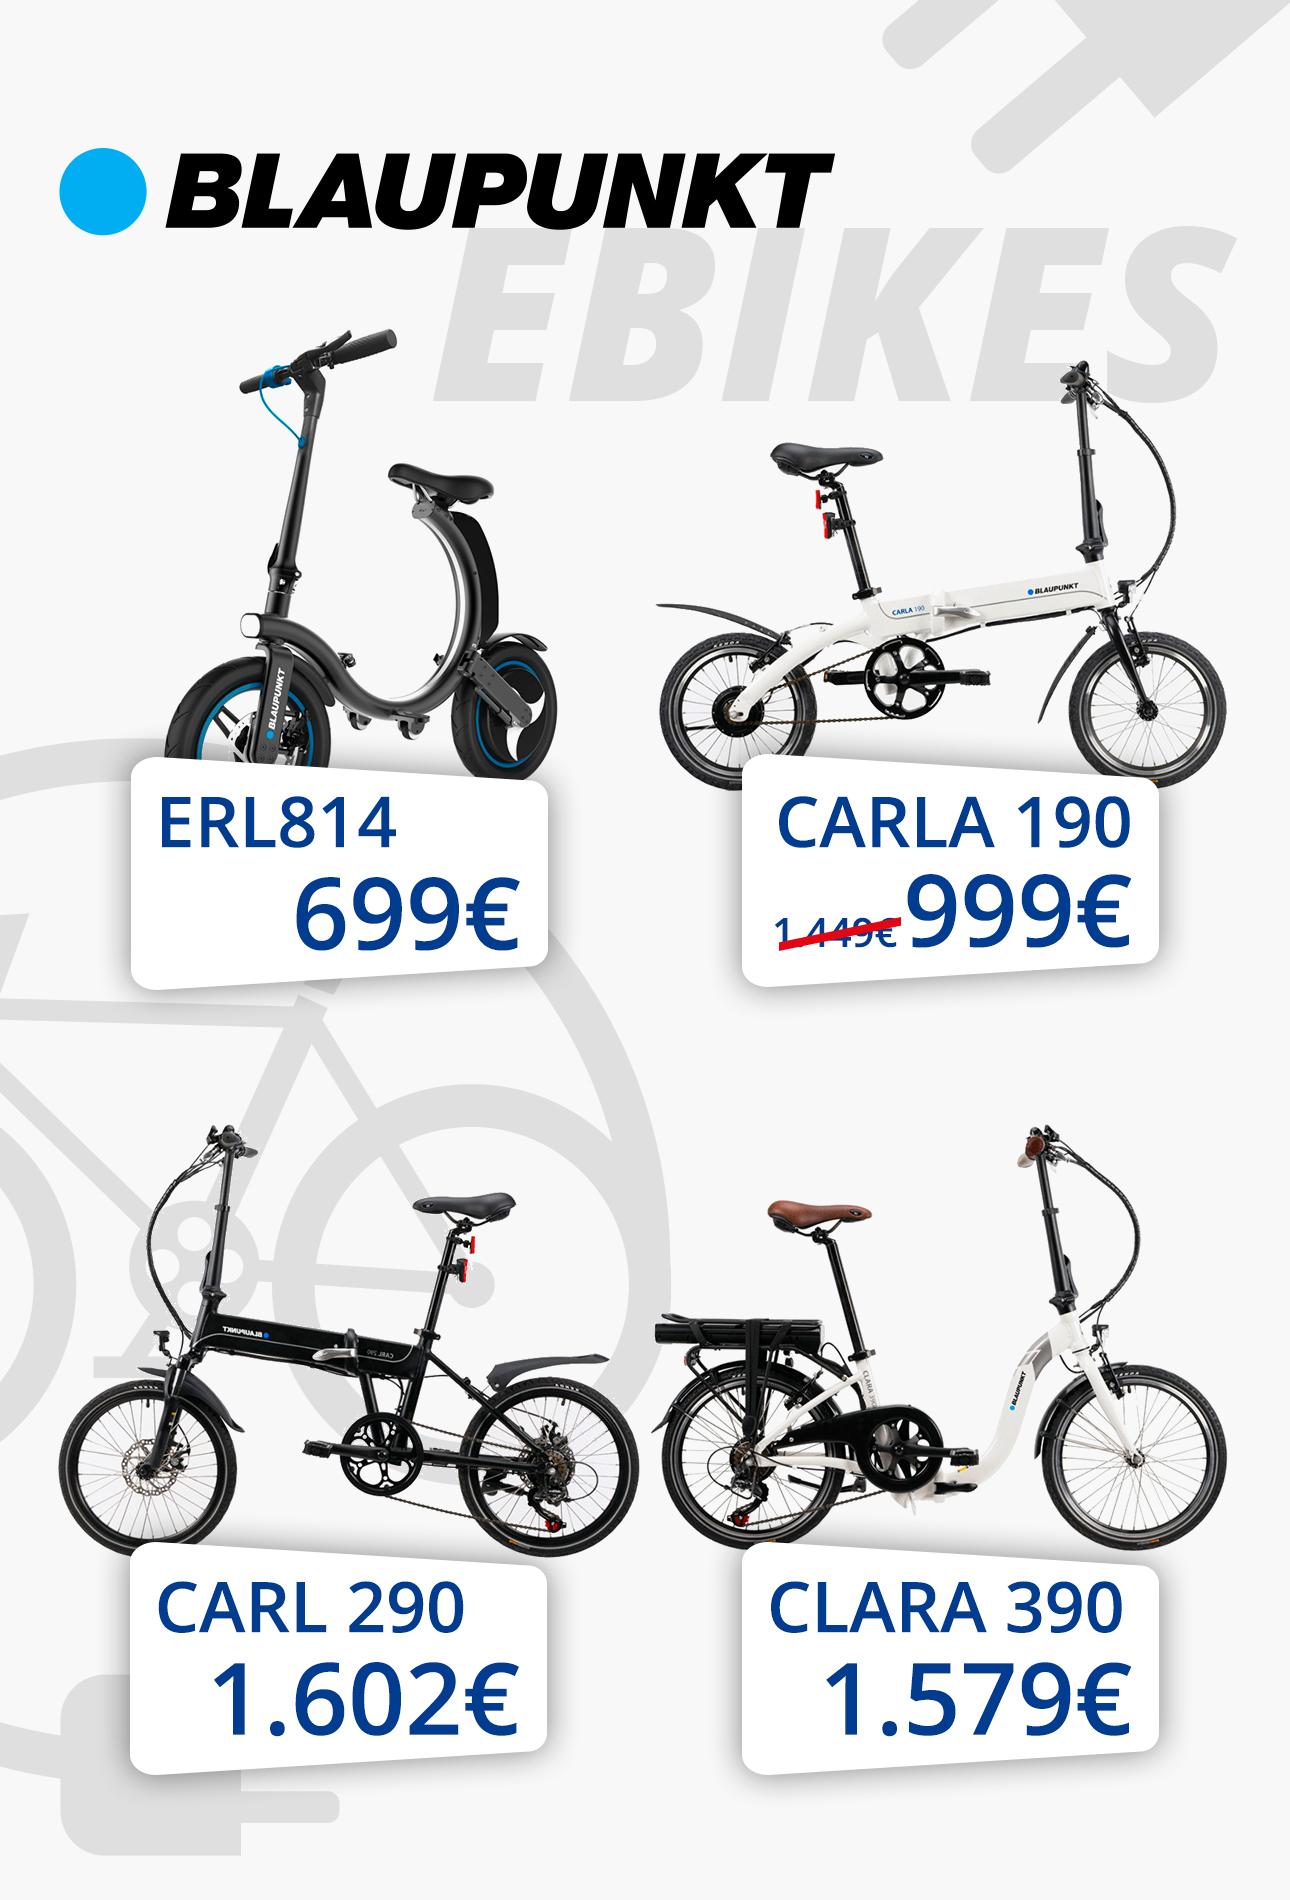 Κινούμαι ηλεκτρικά με ηλεκτρικά ποδήλατα BlauPunkt -40%